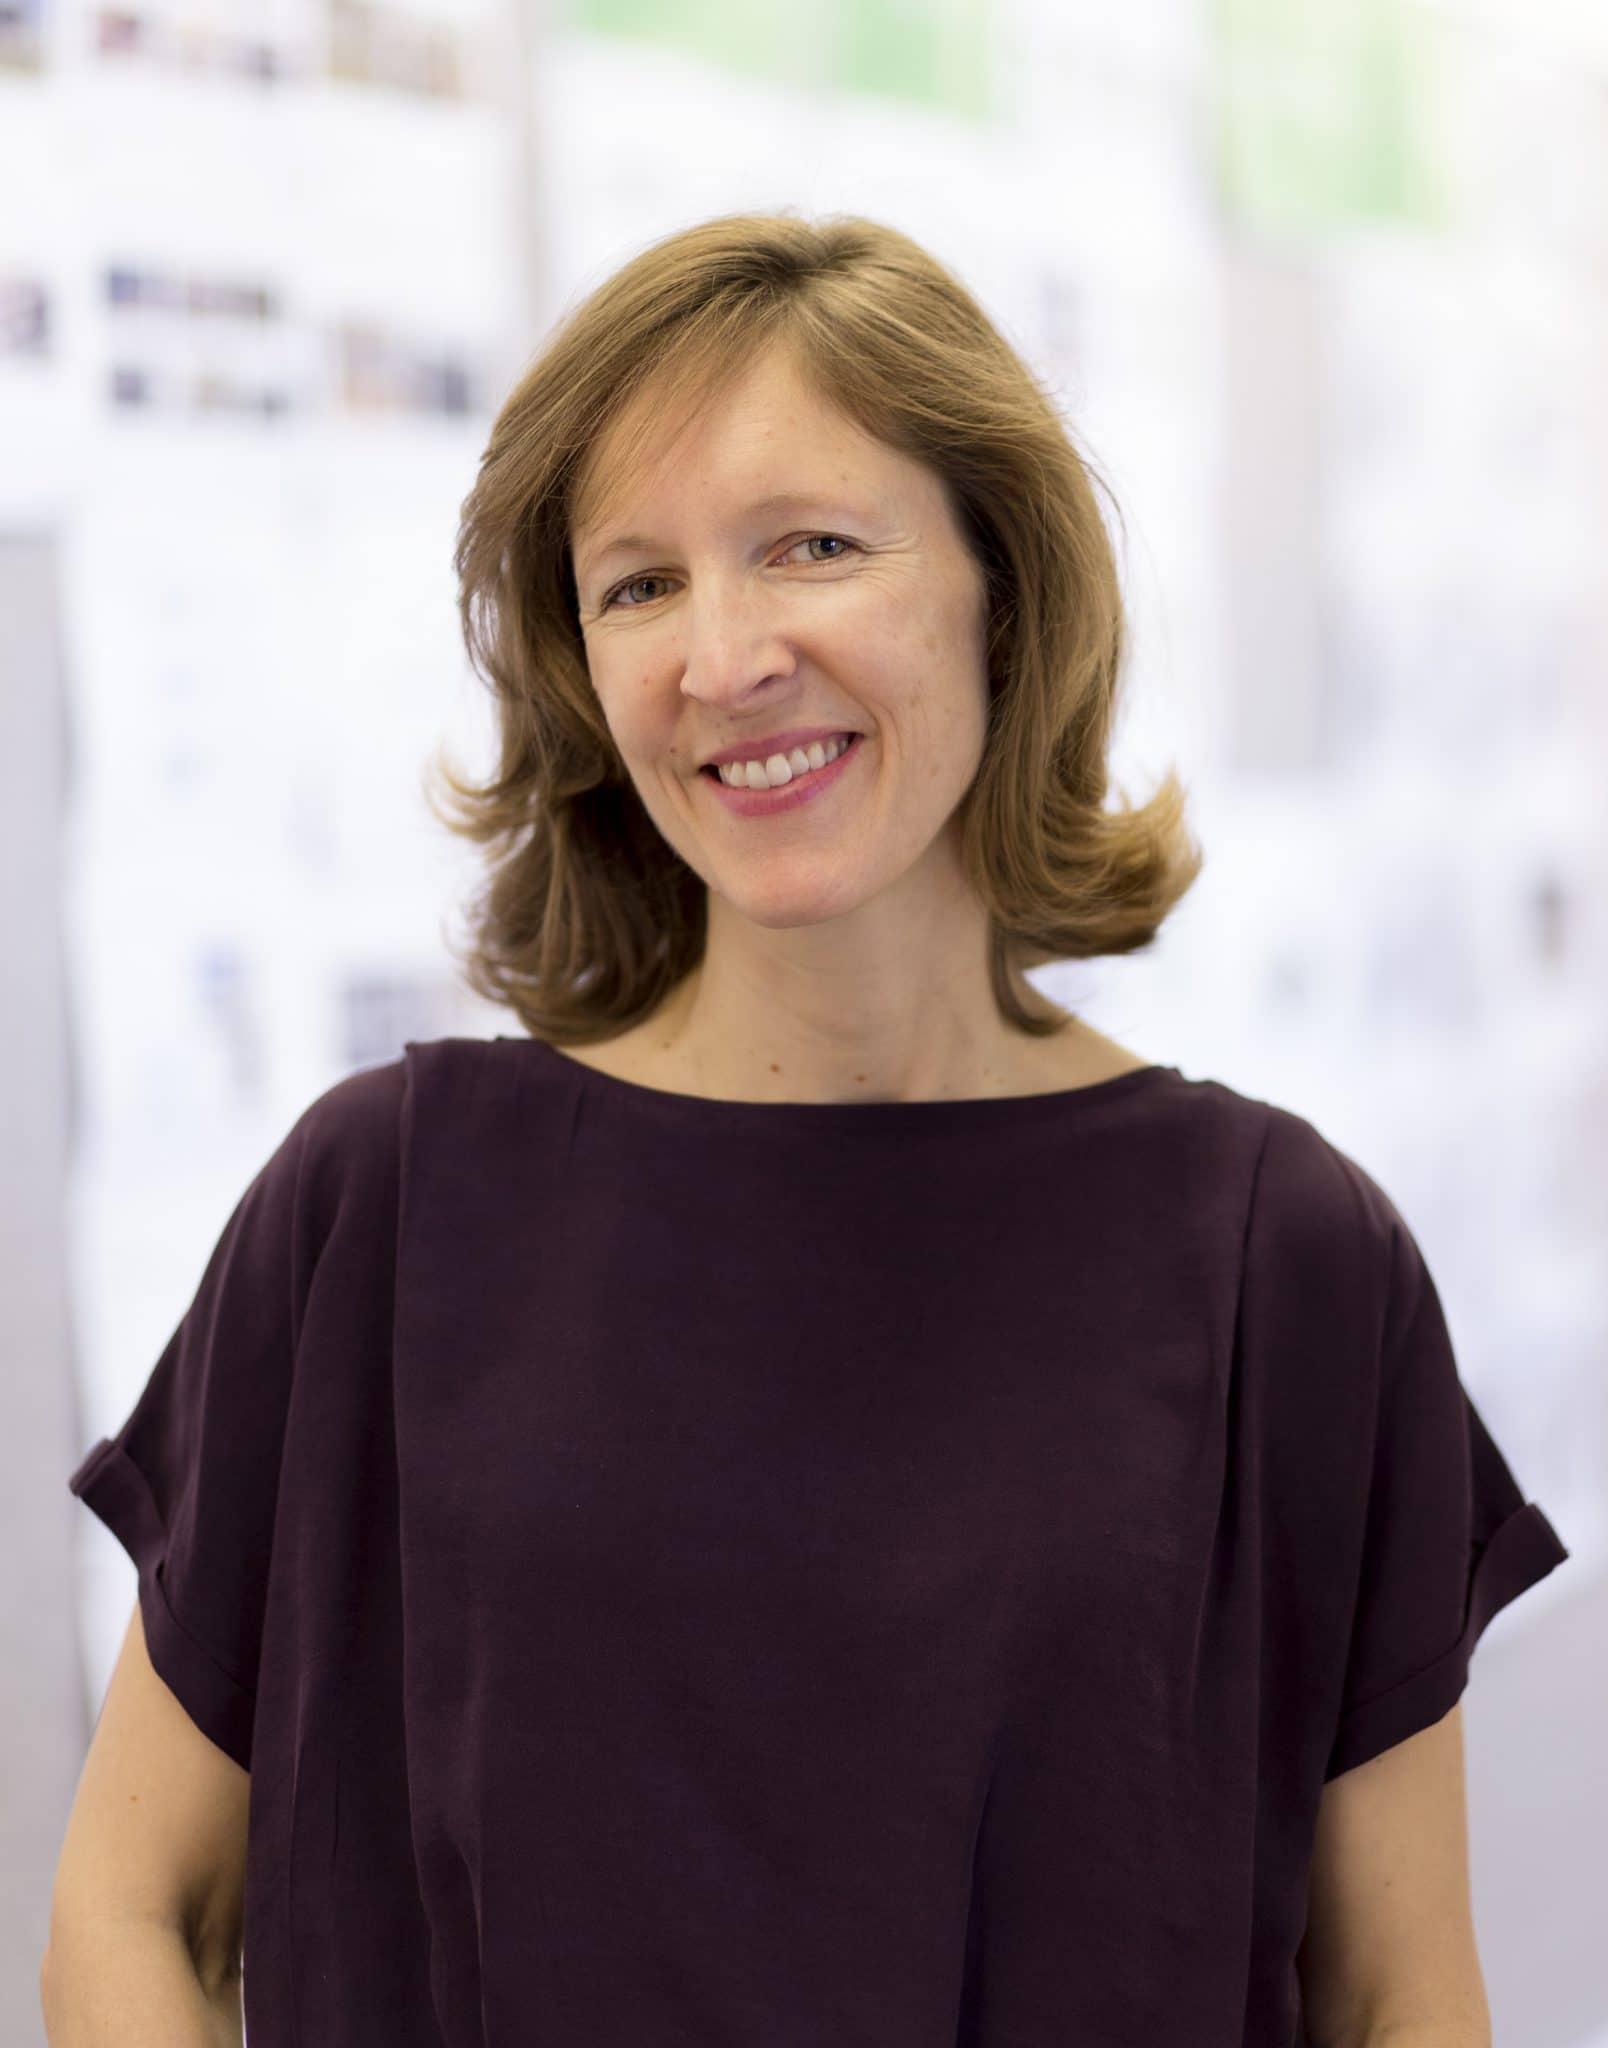 Cindy McLaughlin Envelope